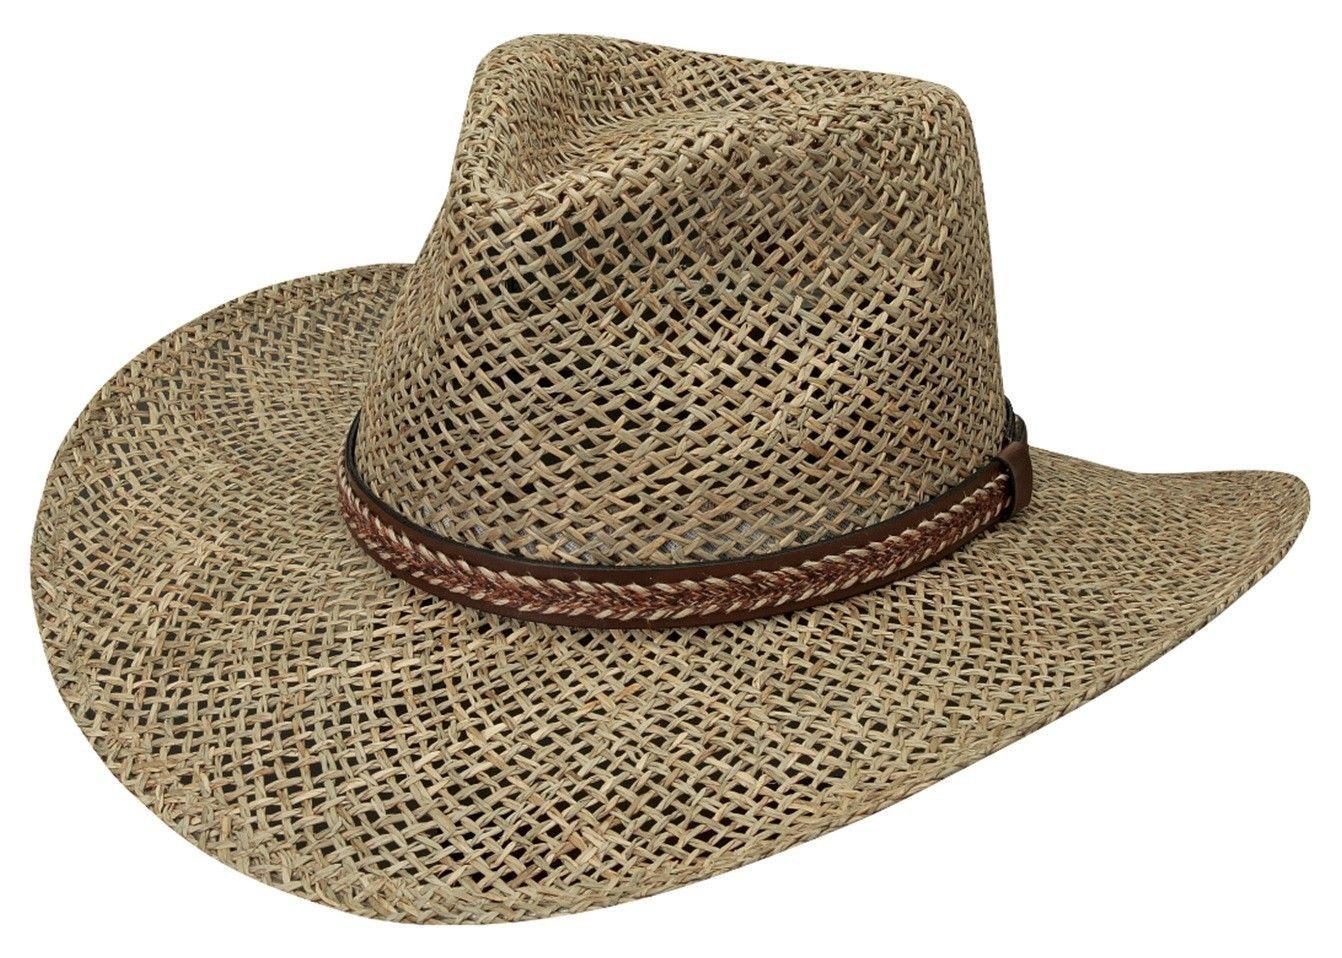 3ca786cabe7 t2ec16jhjhmfhbnvzpwwbsqwtvo fw 60 57. t2ec16jhjhmfhbnvzpwwbsqwtvo fw 60 57.  NEW Black Creek Hats BC9006 Seagrass Straw Western Cowboy Hat ...